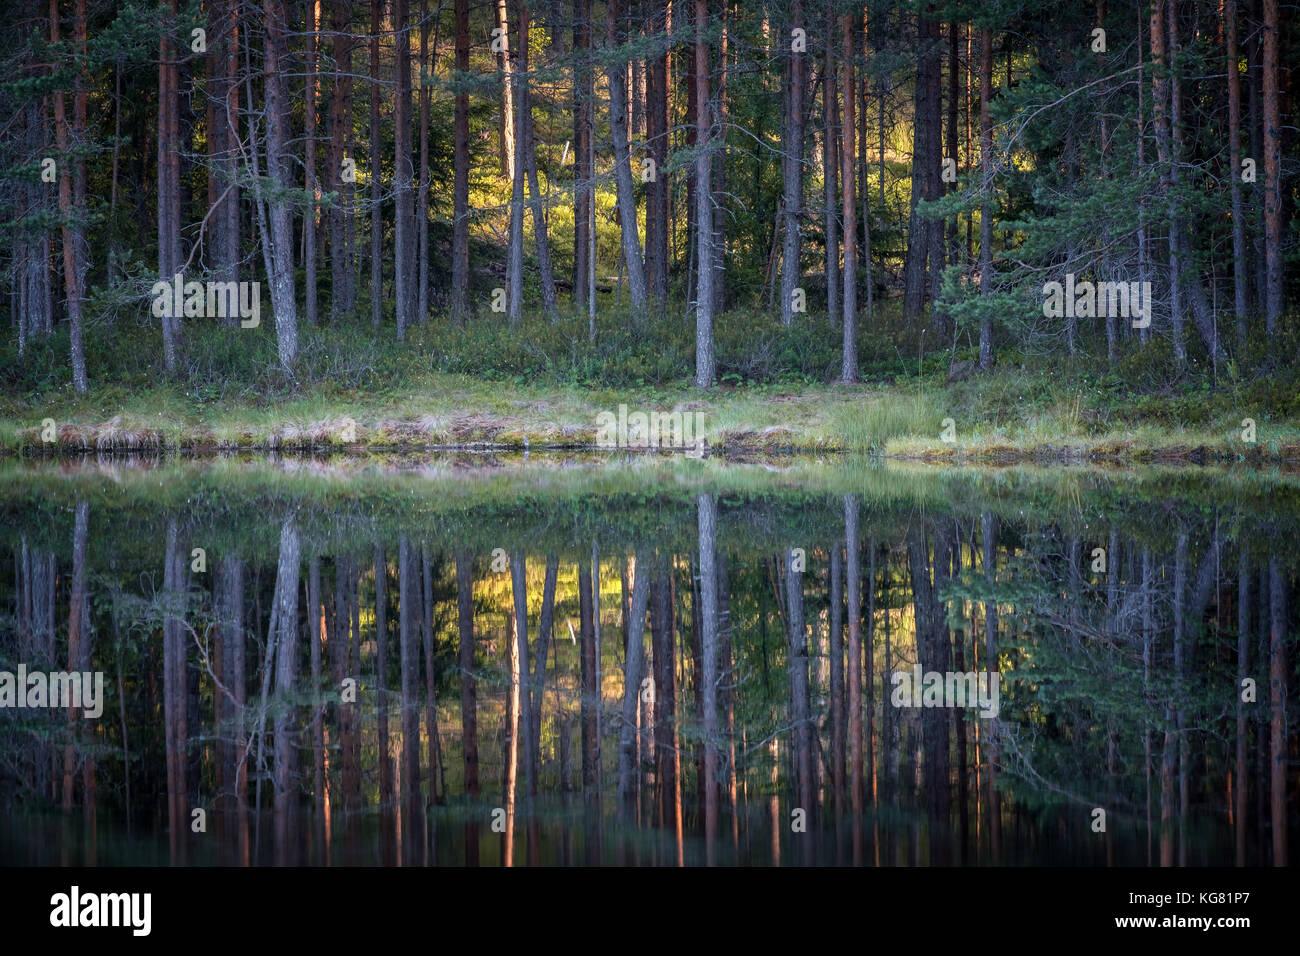 Bella riflessione con alberi e bosco al piccolo lago in Finlandia Immagini Stock